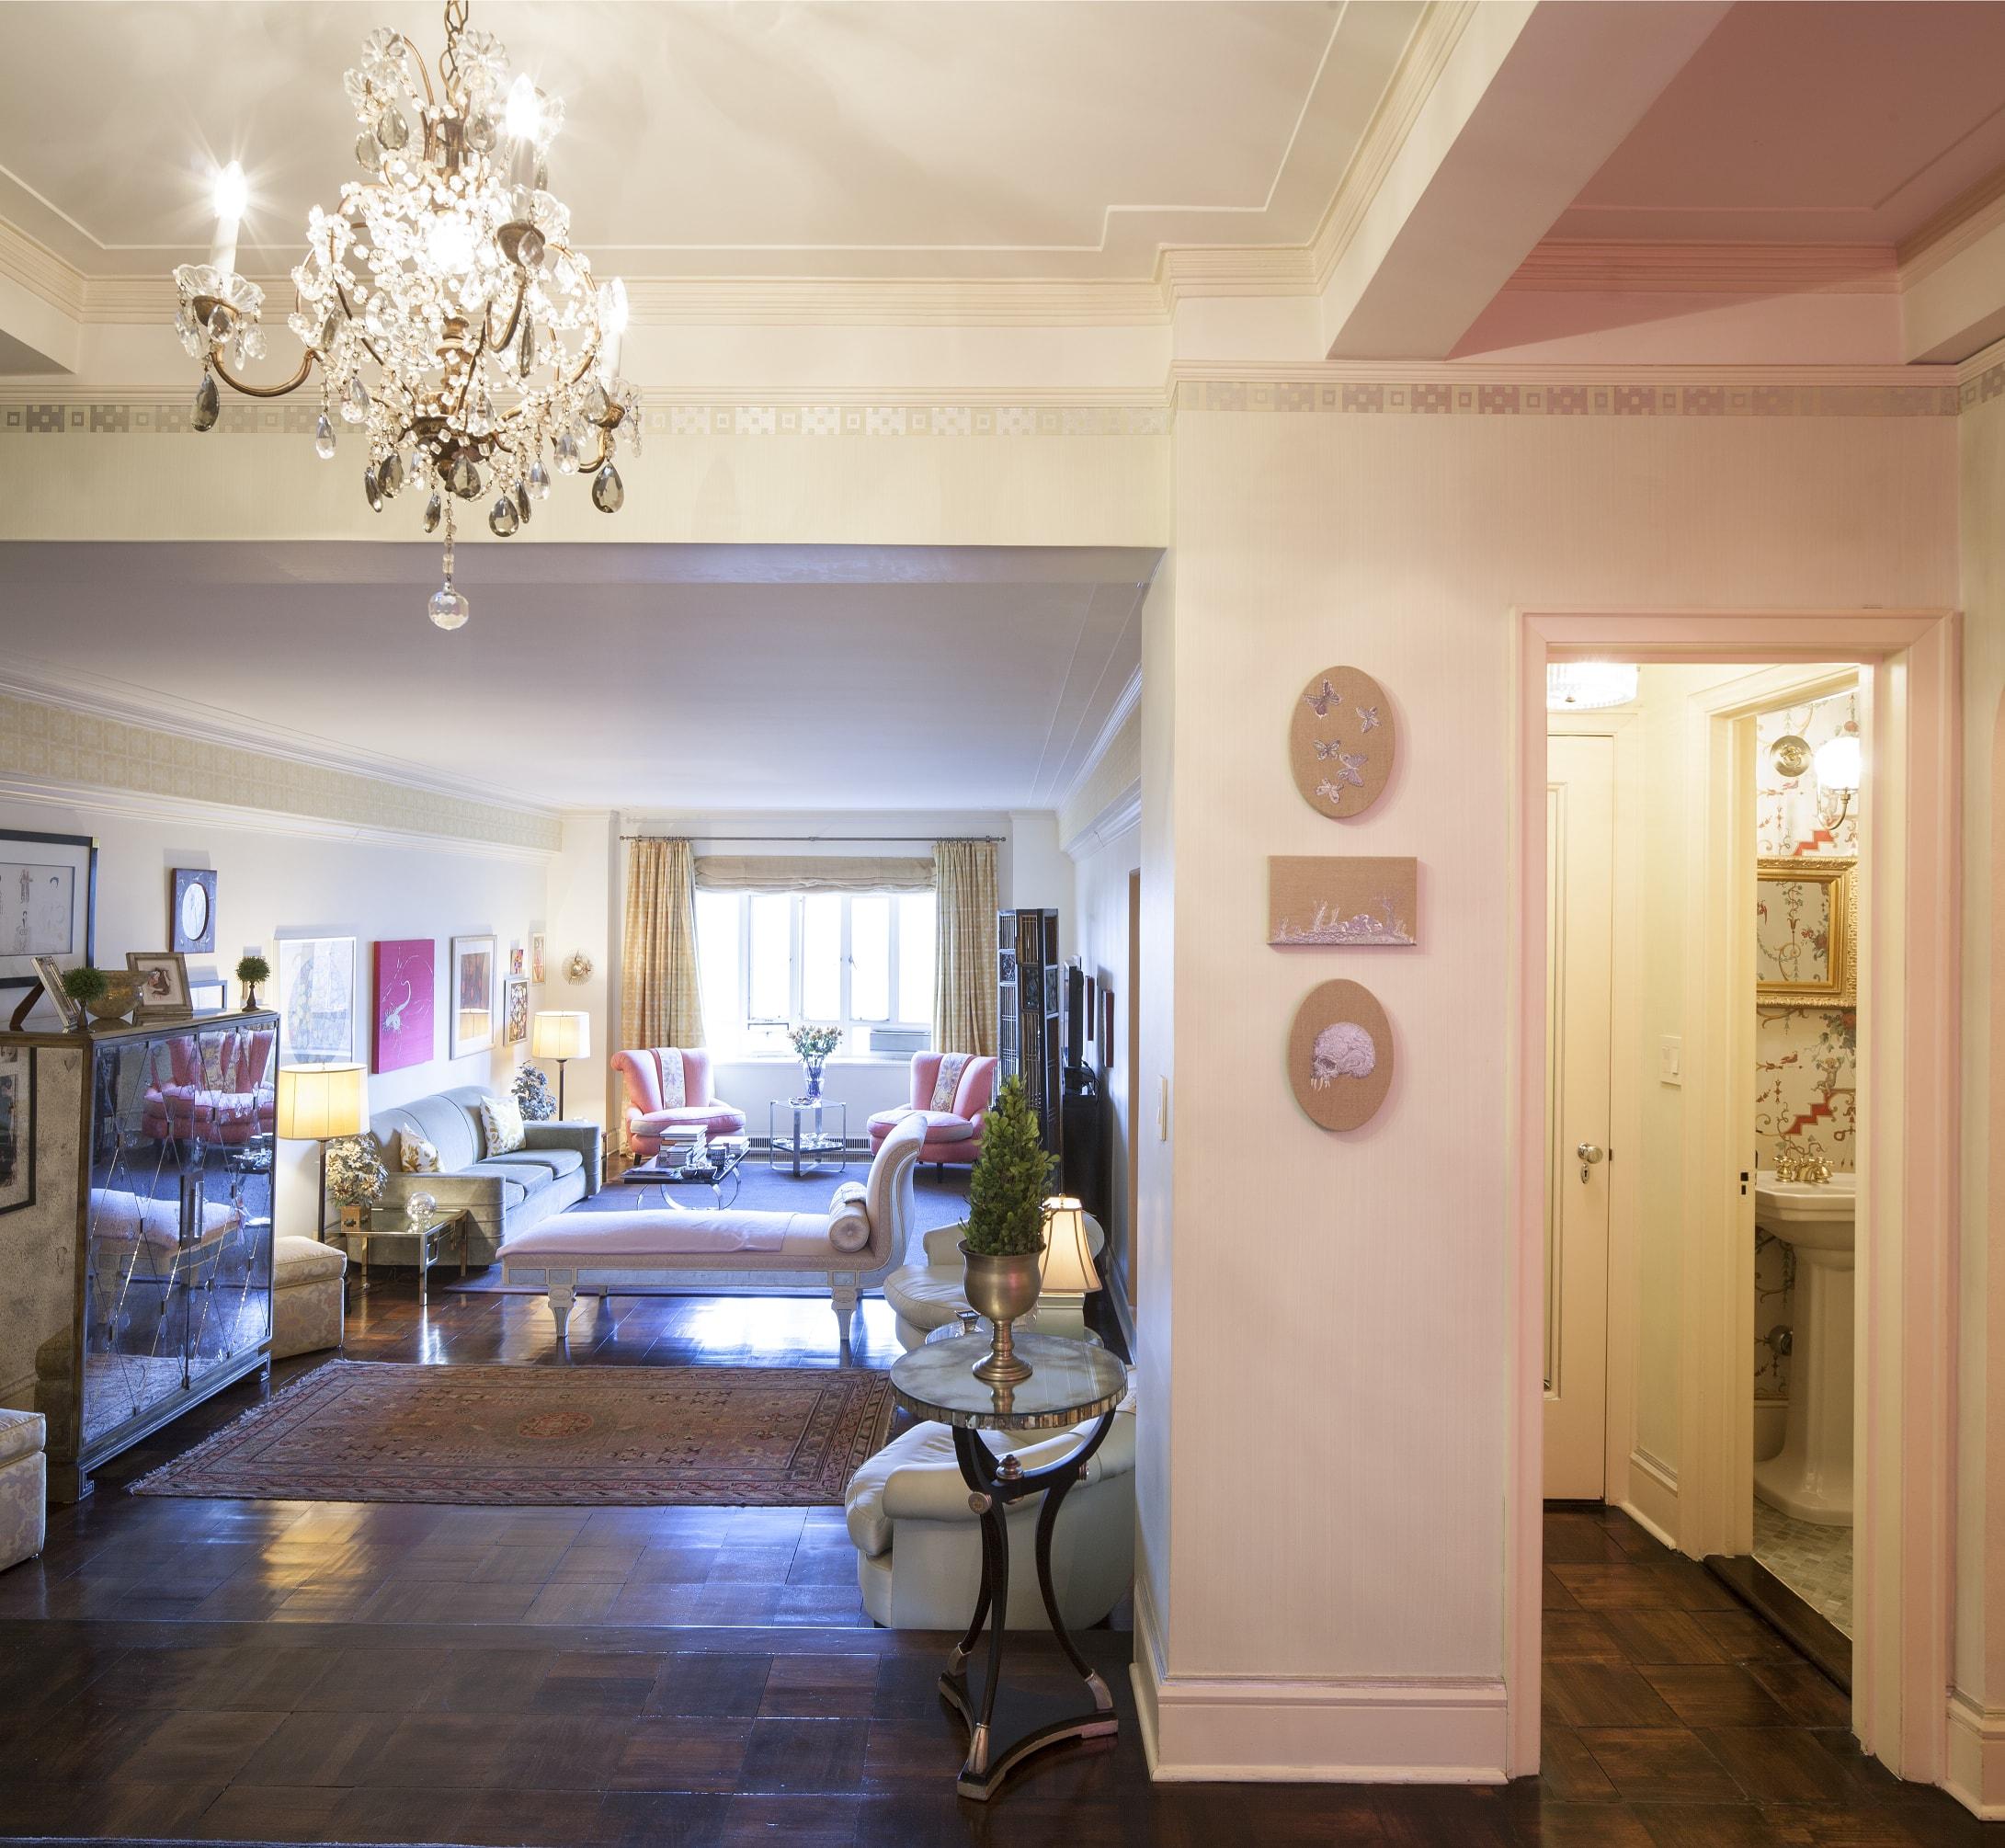 Casa della giornalista Grazia D'Annunzio (New York Upper West Side). Foto di Luca Pioltelli.